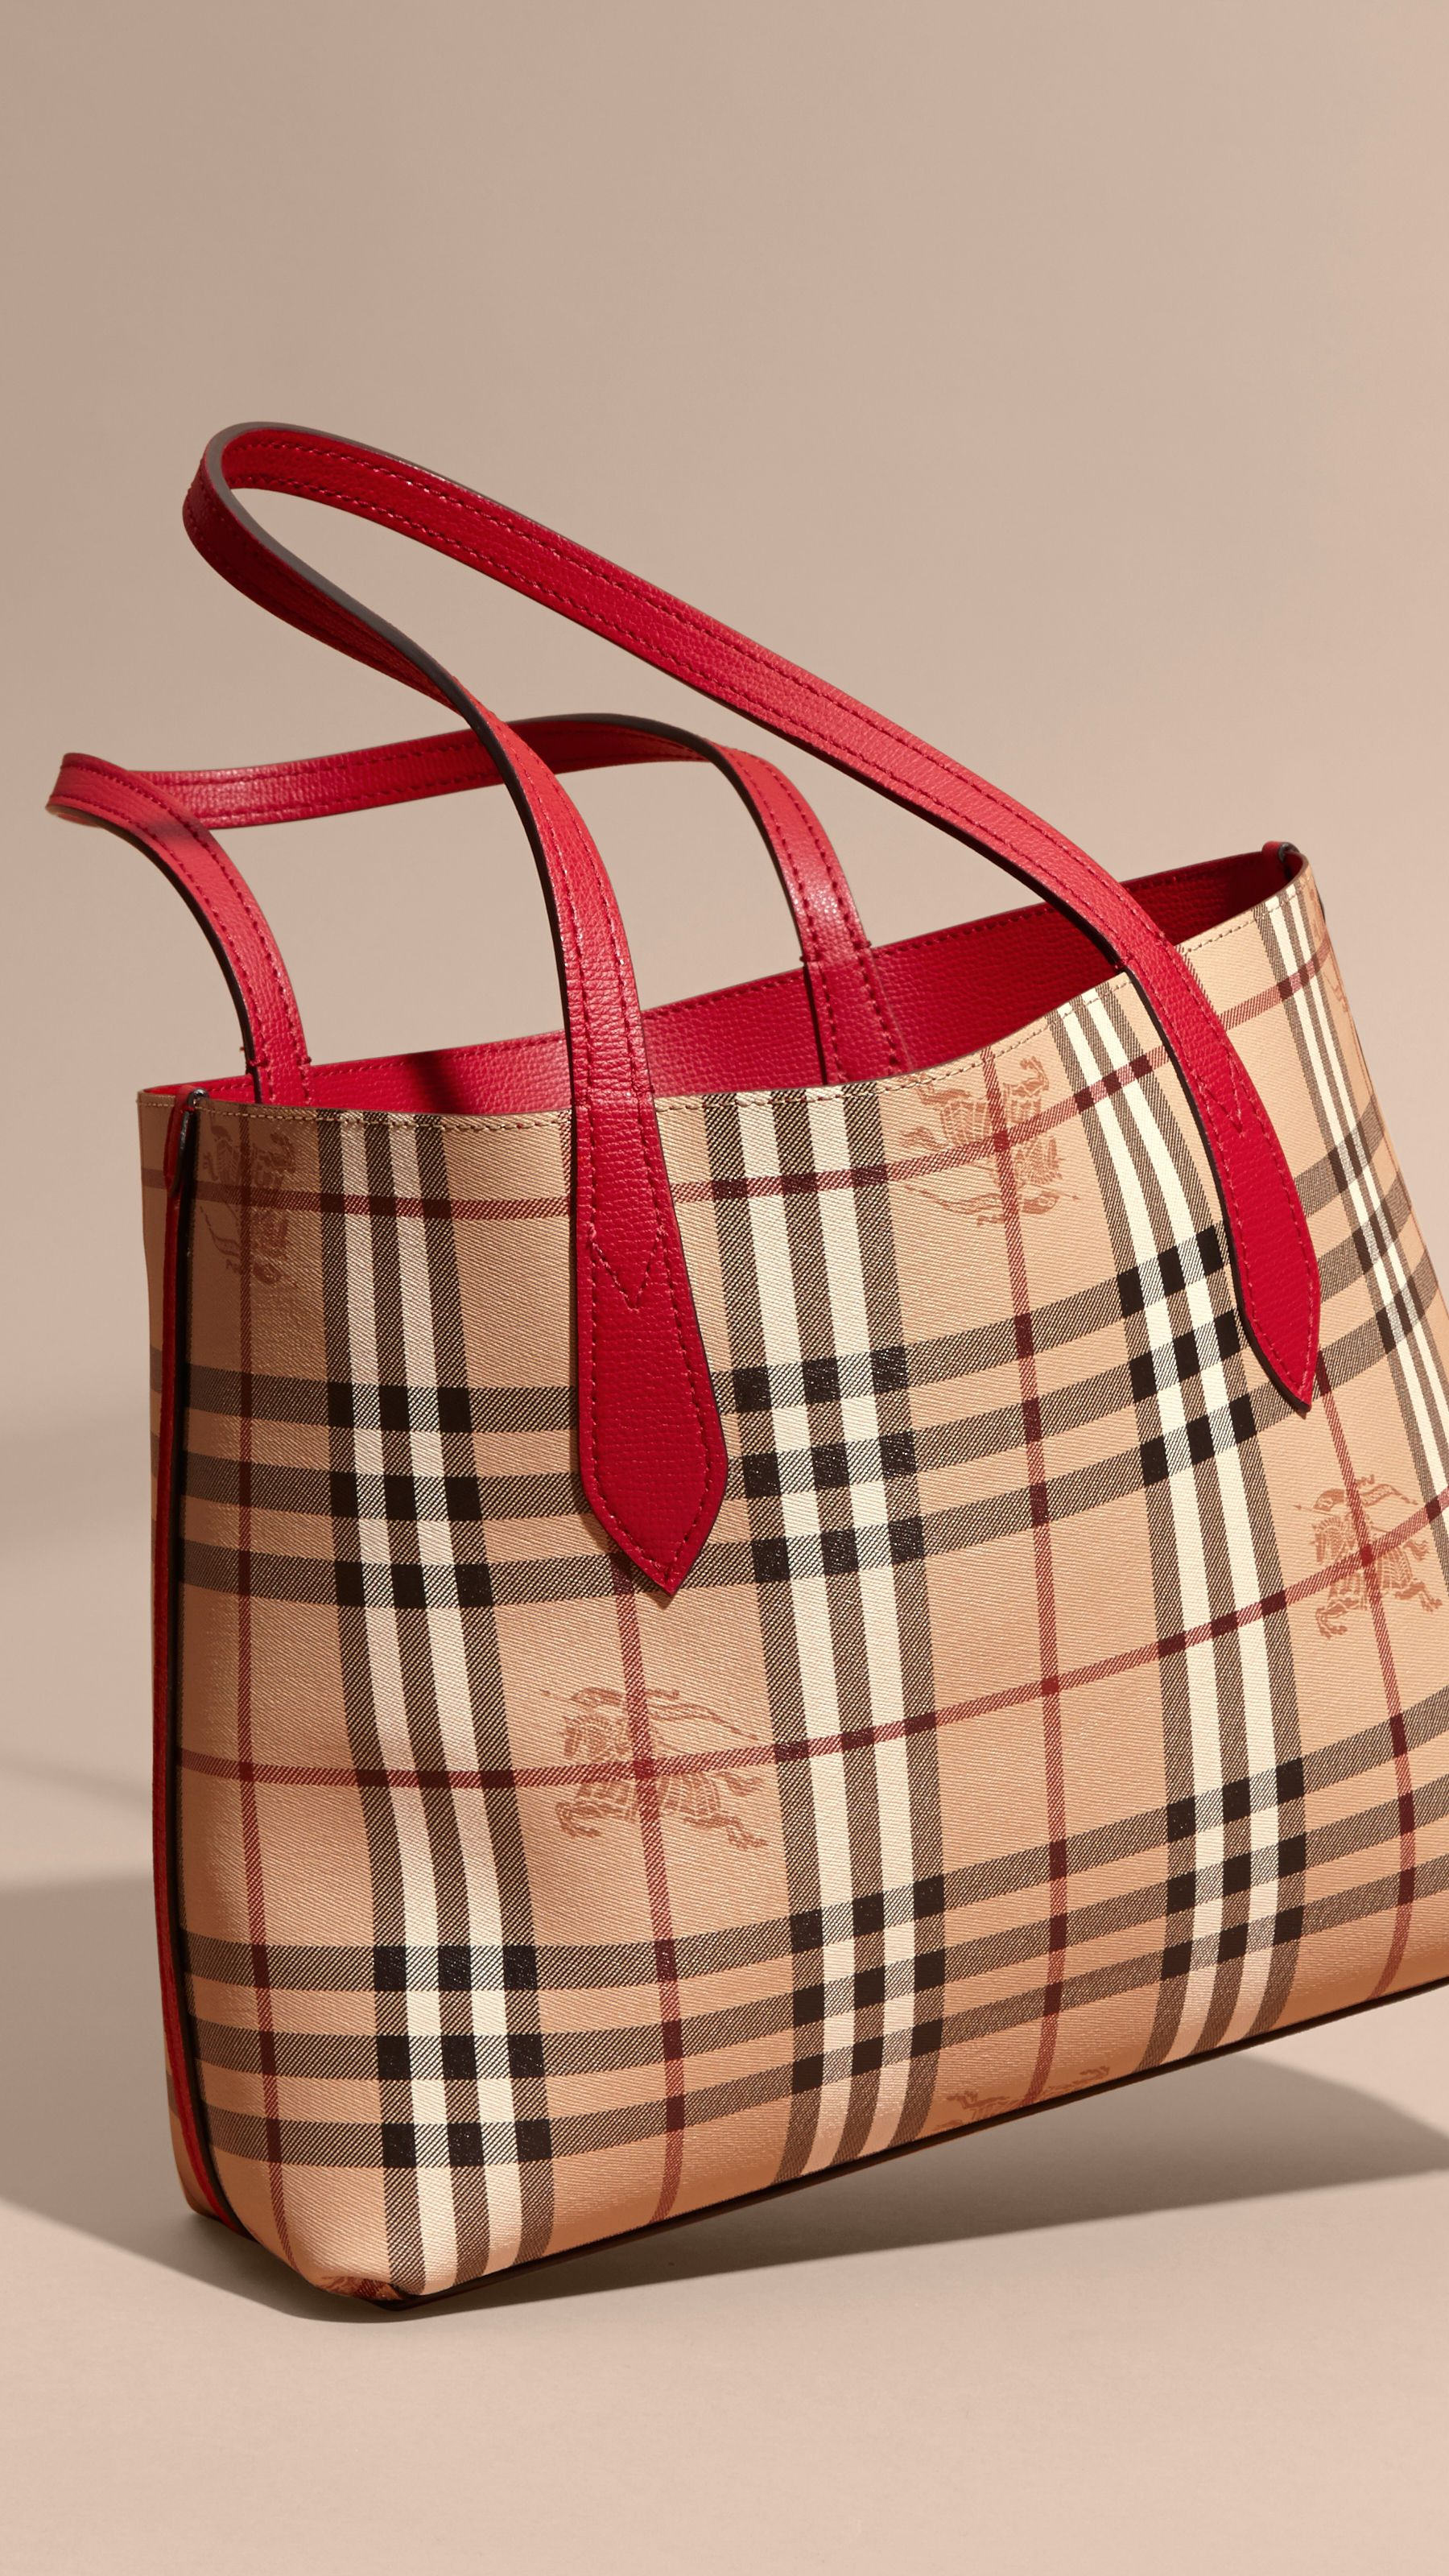 La borsa tote double face piccola con motivo Haymarket check e pelle Rosso  Papavero  7ff7f19eeba